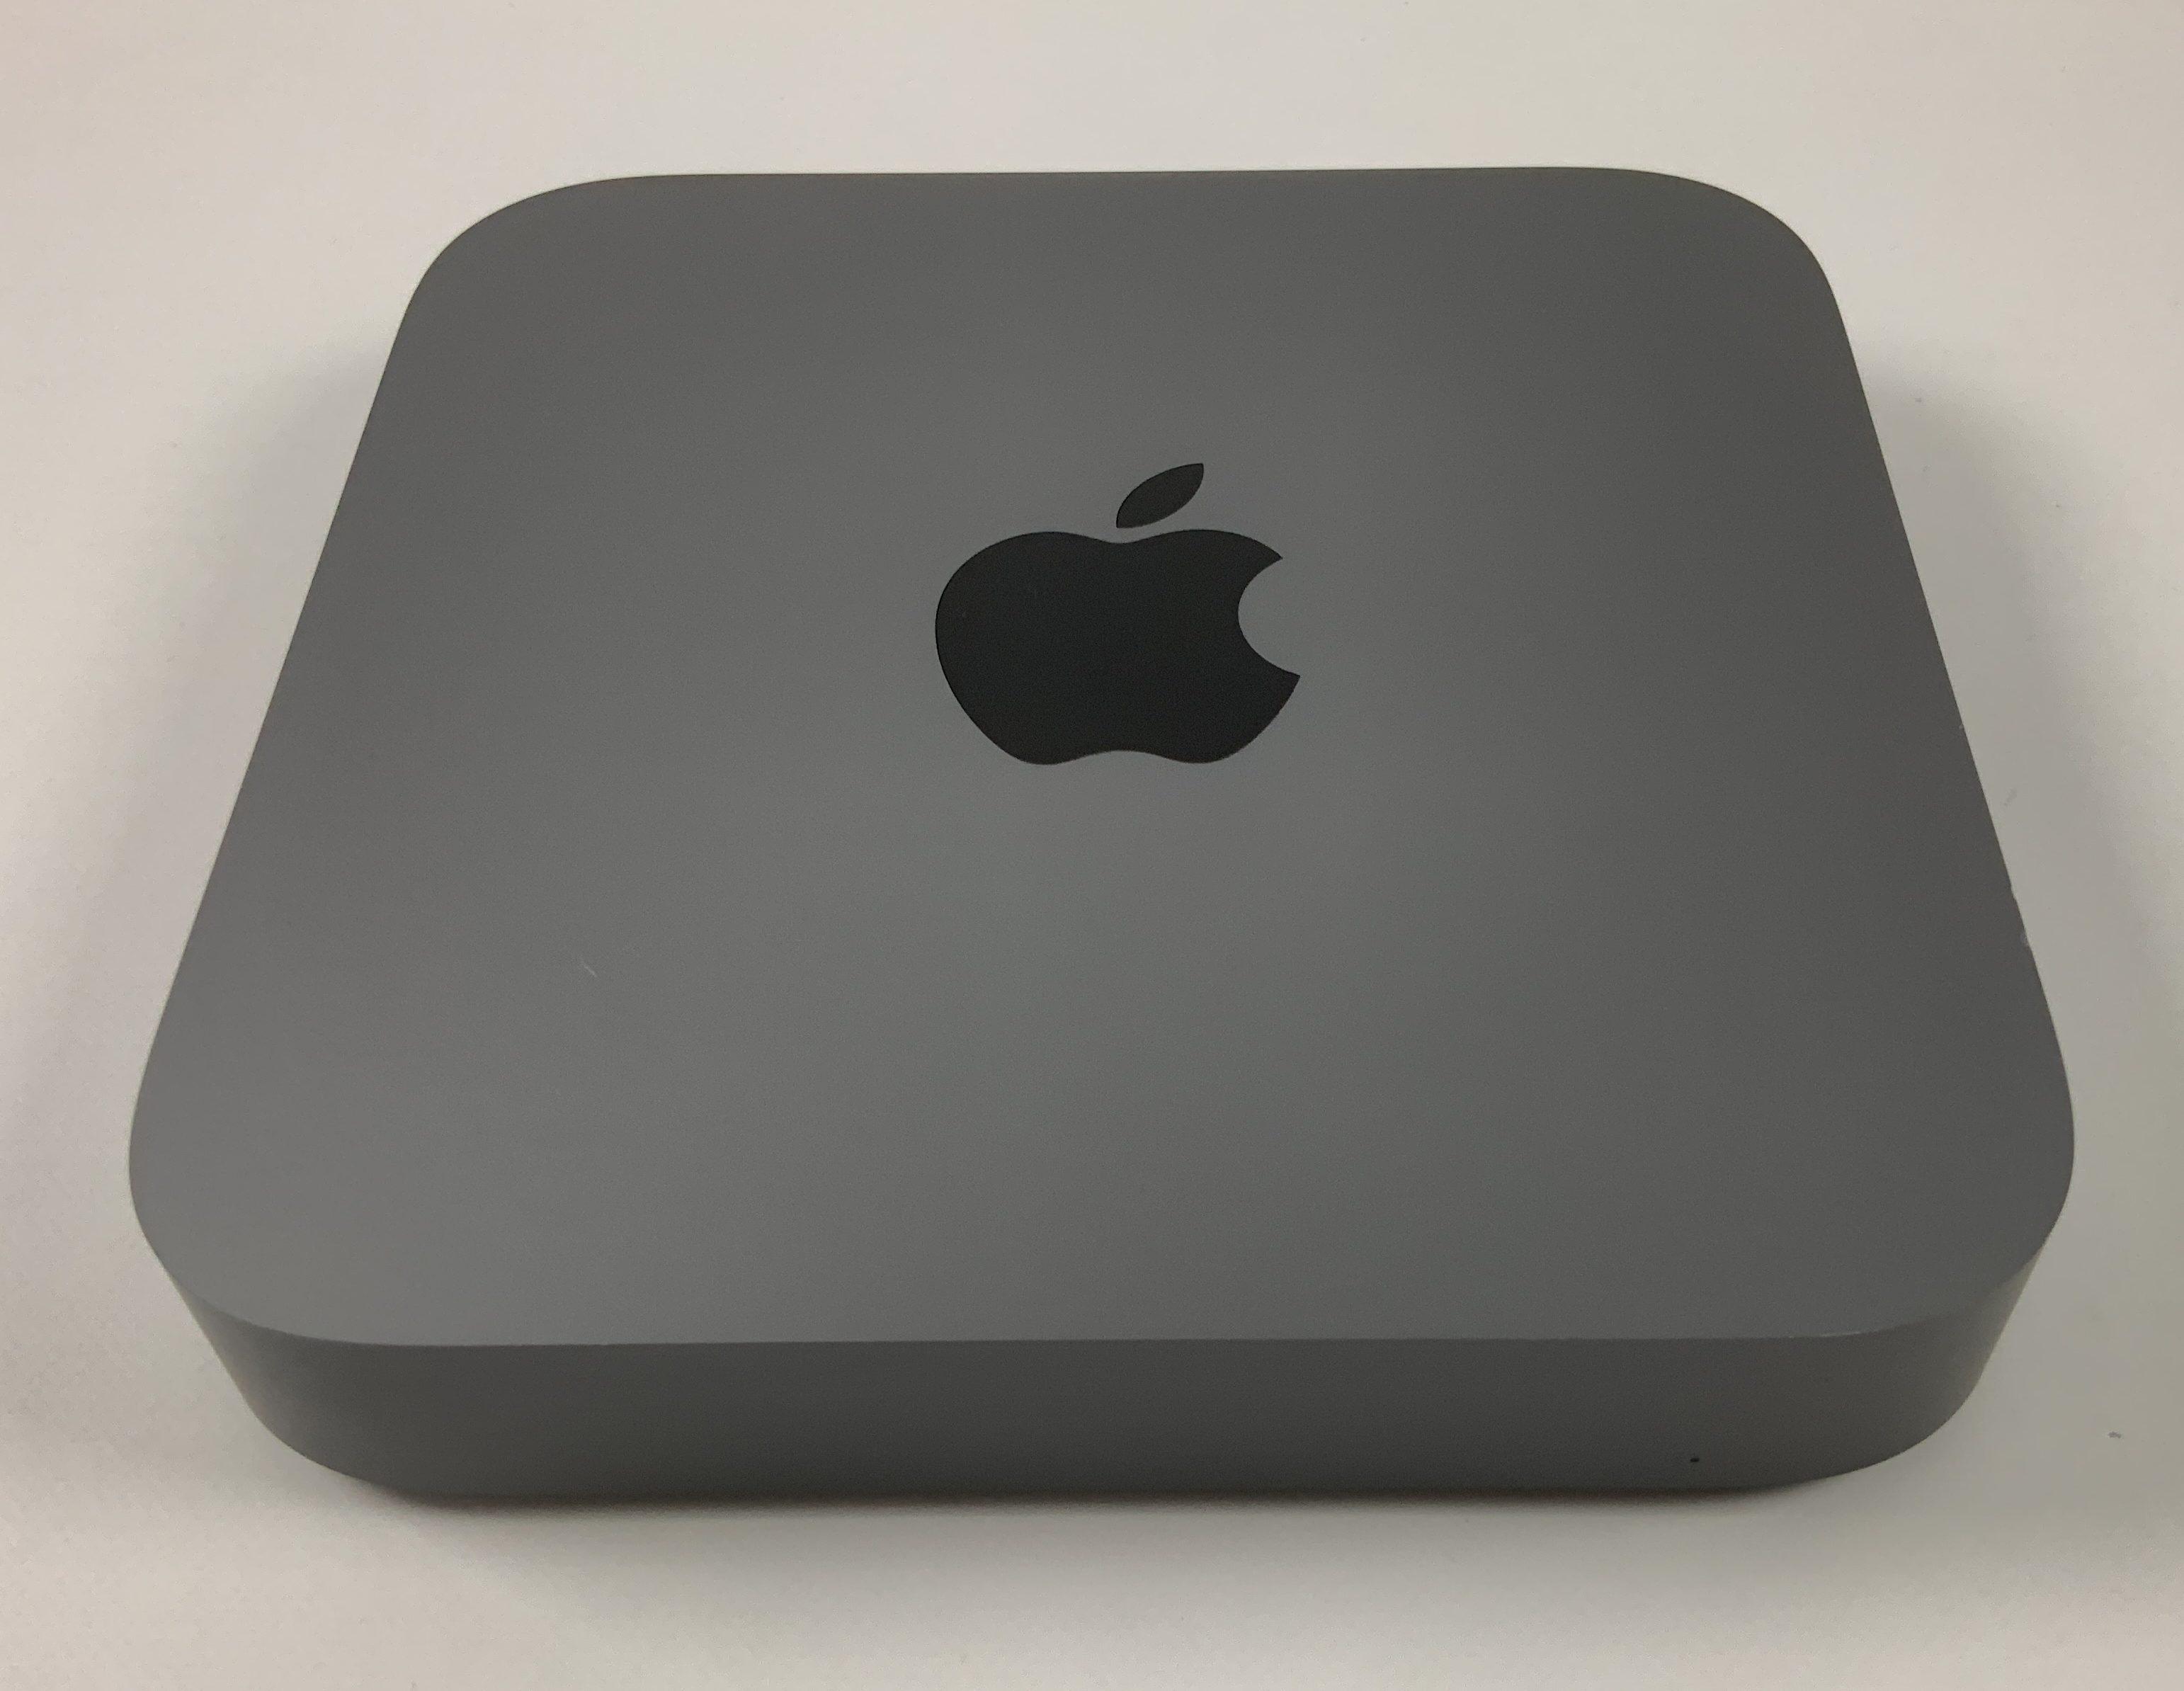 Mac Mini Late 2018 (Intel 6-Core i7 3.2 GHz 32 GB RAM 512 GB SSD), Intel 6-Core i7 3.2 GHz, 32 GB RAM, 512 GB SSD, image 1